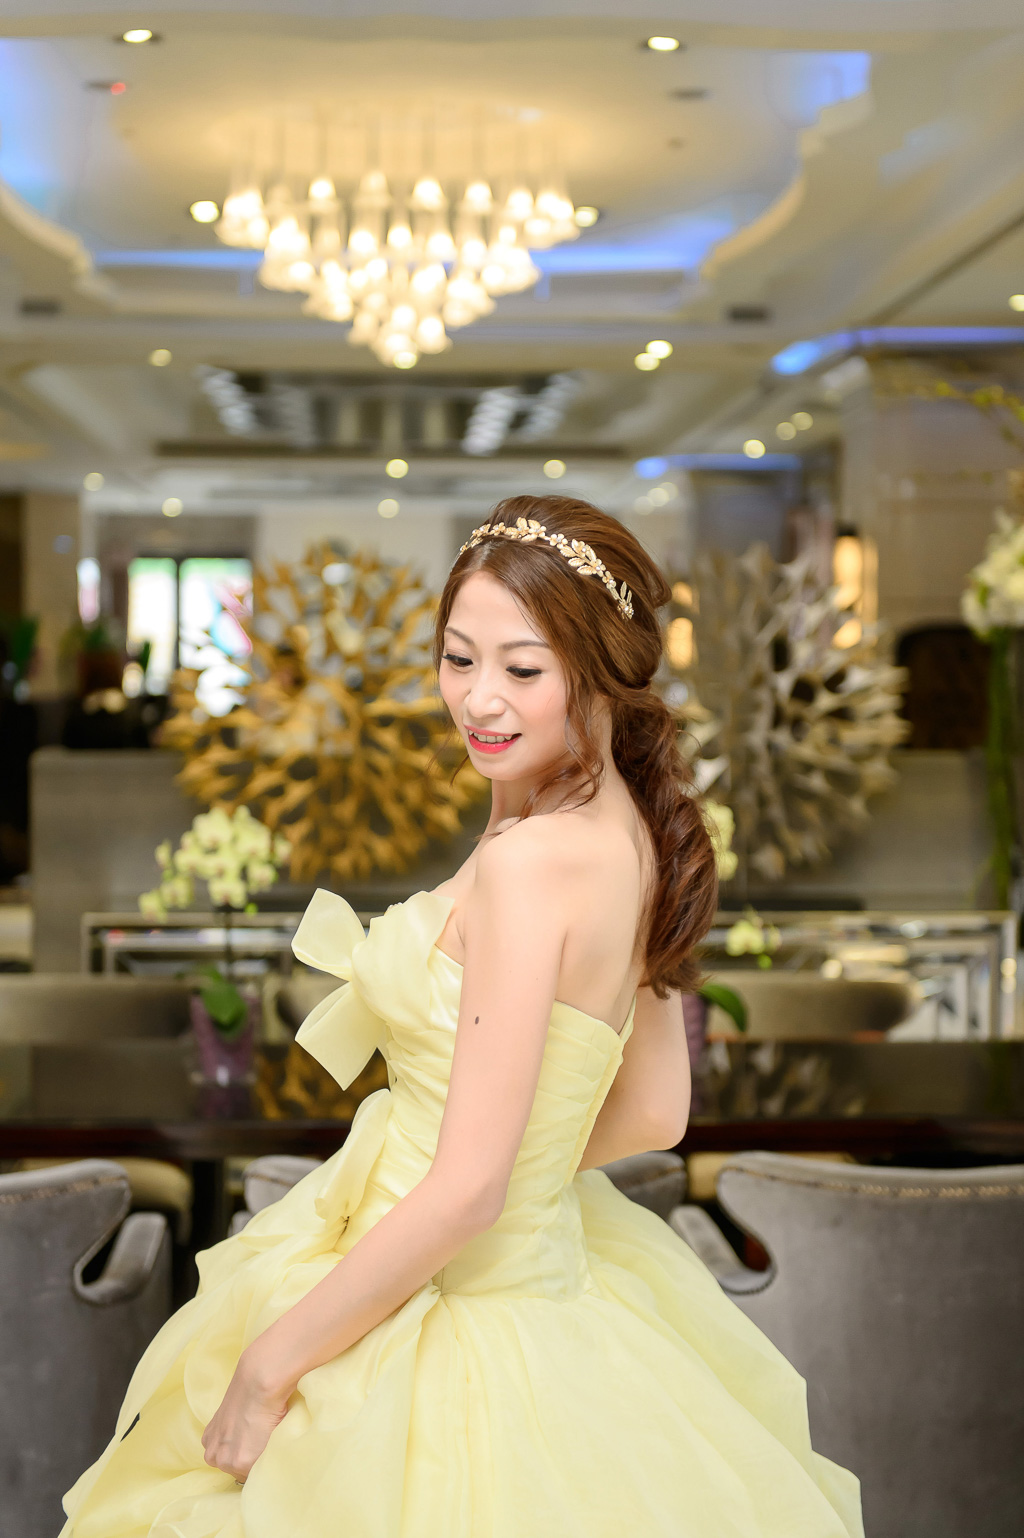 婚攝小勇,小寶團隊, 單眼皮新秘小琁, 自助婚紗, 婚禮紀錄, 和璞,台北婚紗,wedding day-087